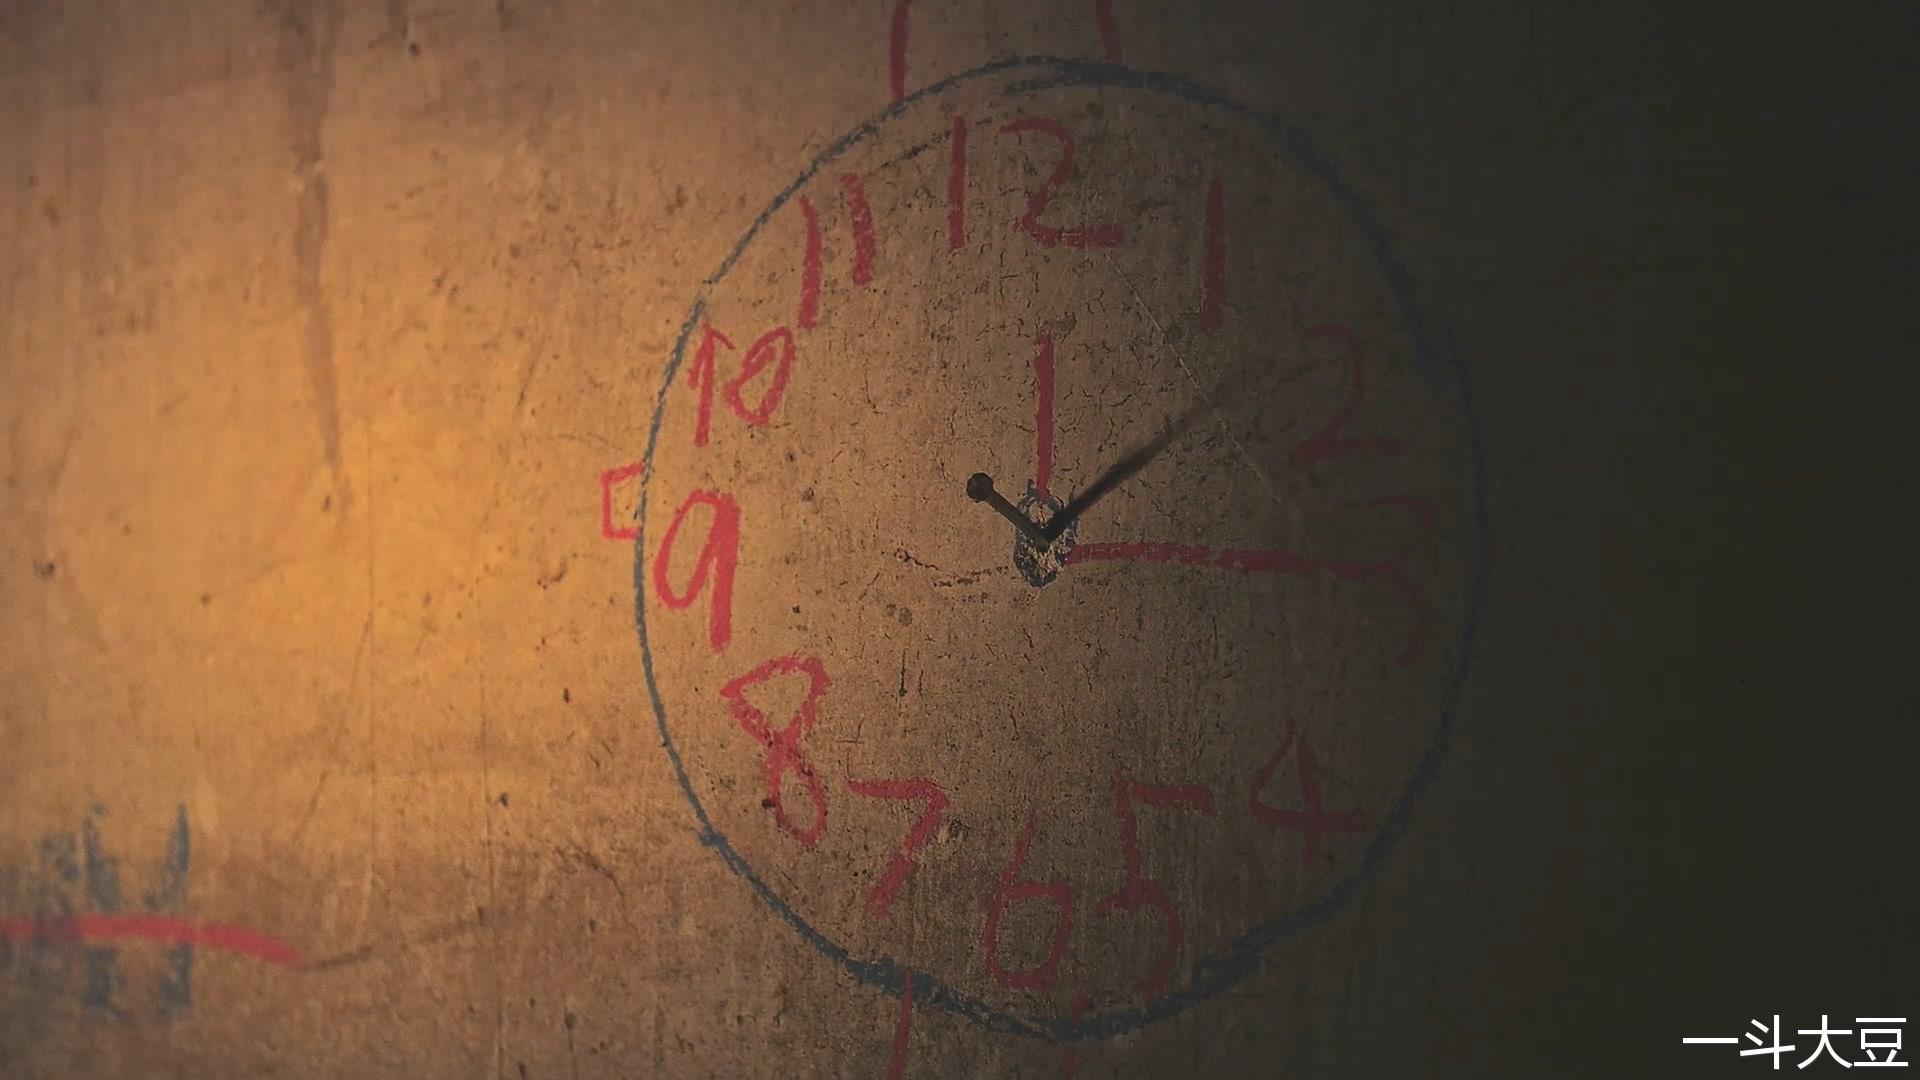 10小时14分|有多少时间值得在黑暗中浪费